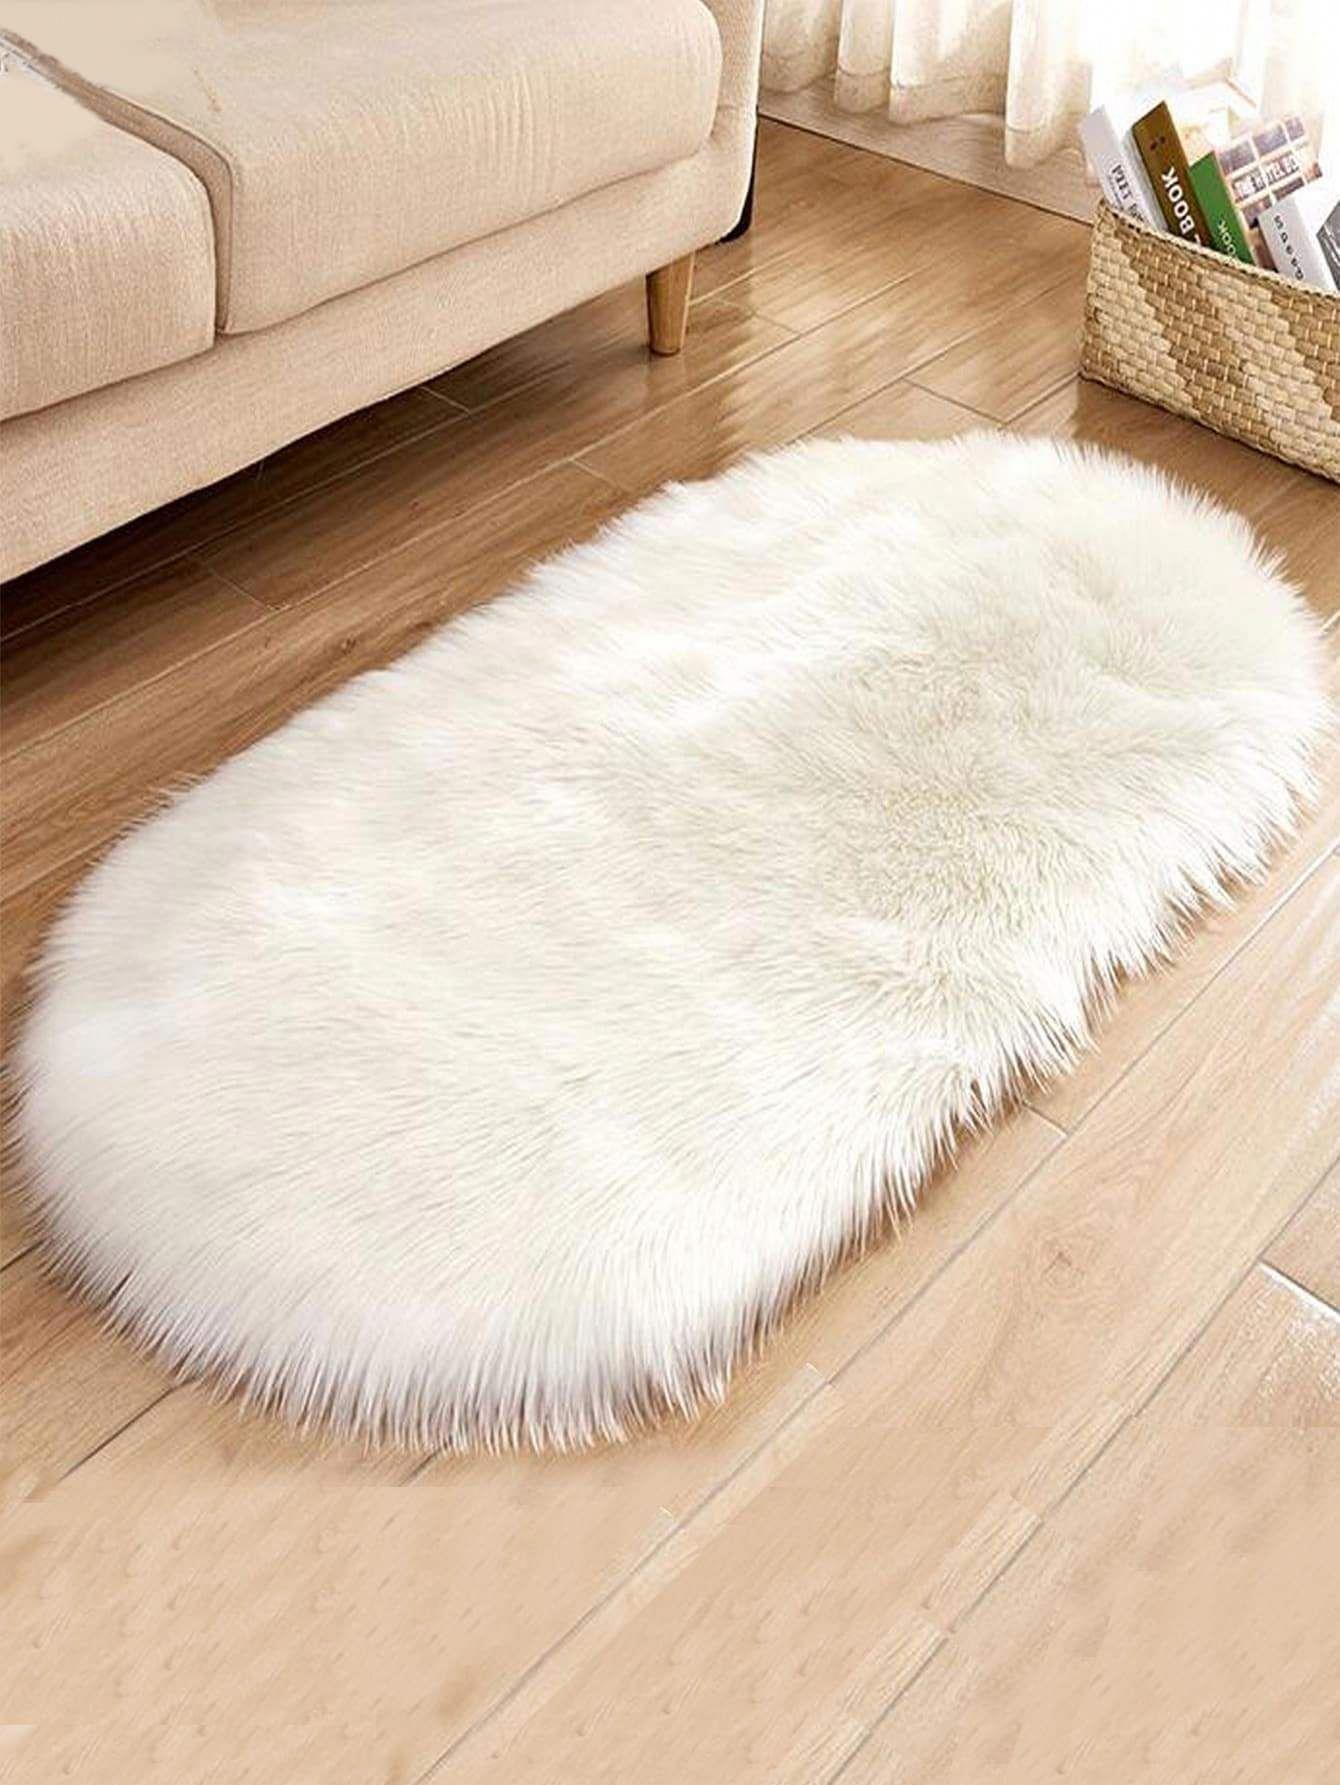 Carpet Runners In Johannesburg In 2020 Rugs On Carpet Bedroom Rug Faux Fur Rug #sheepskin #rug #in #living #room